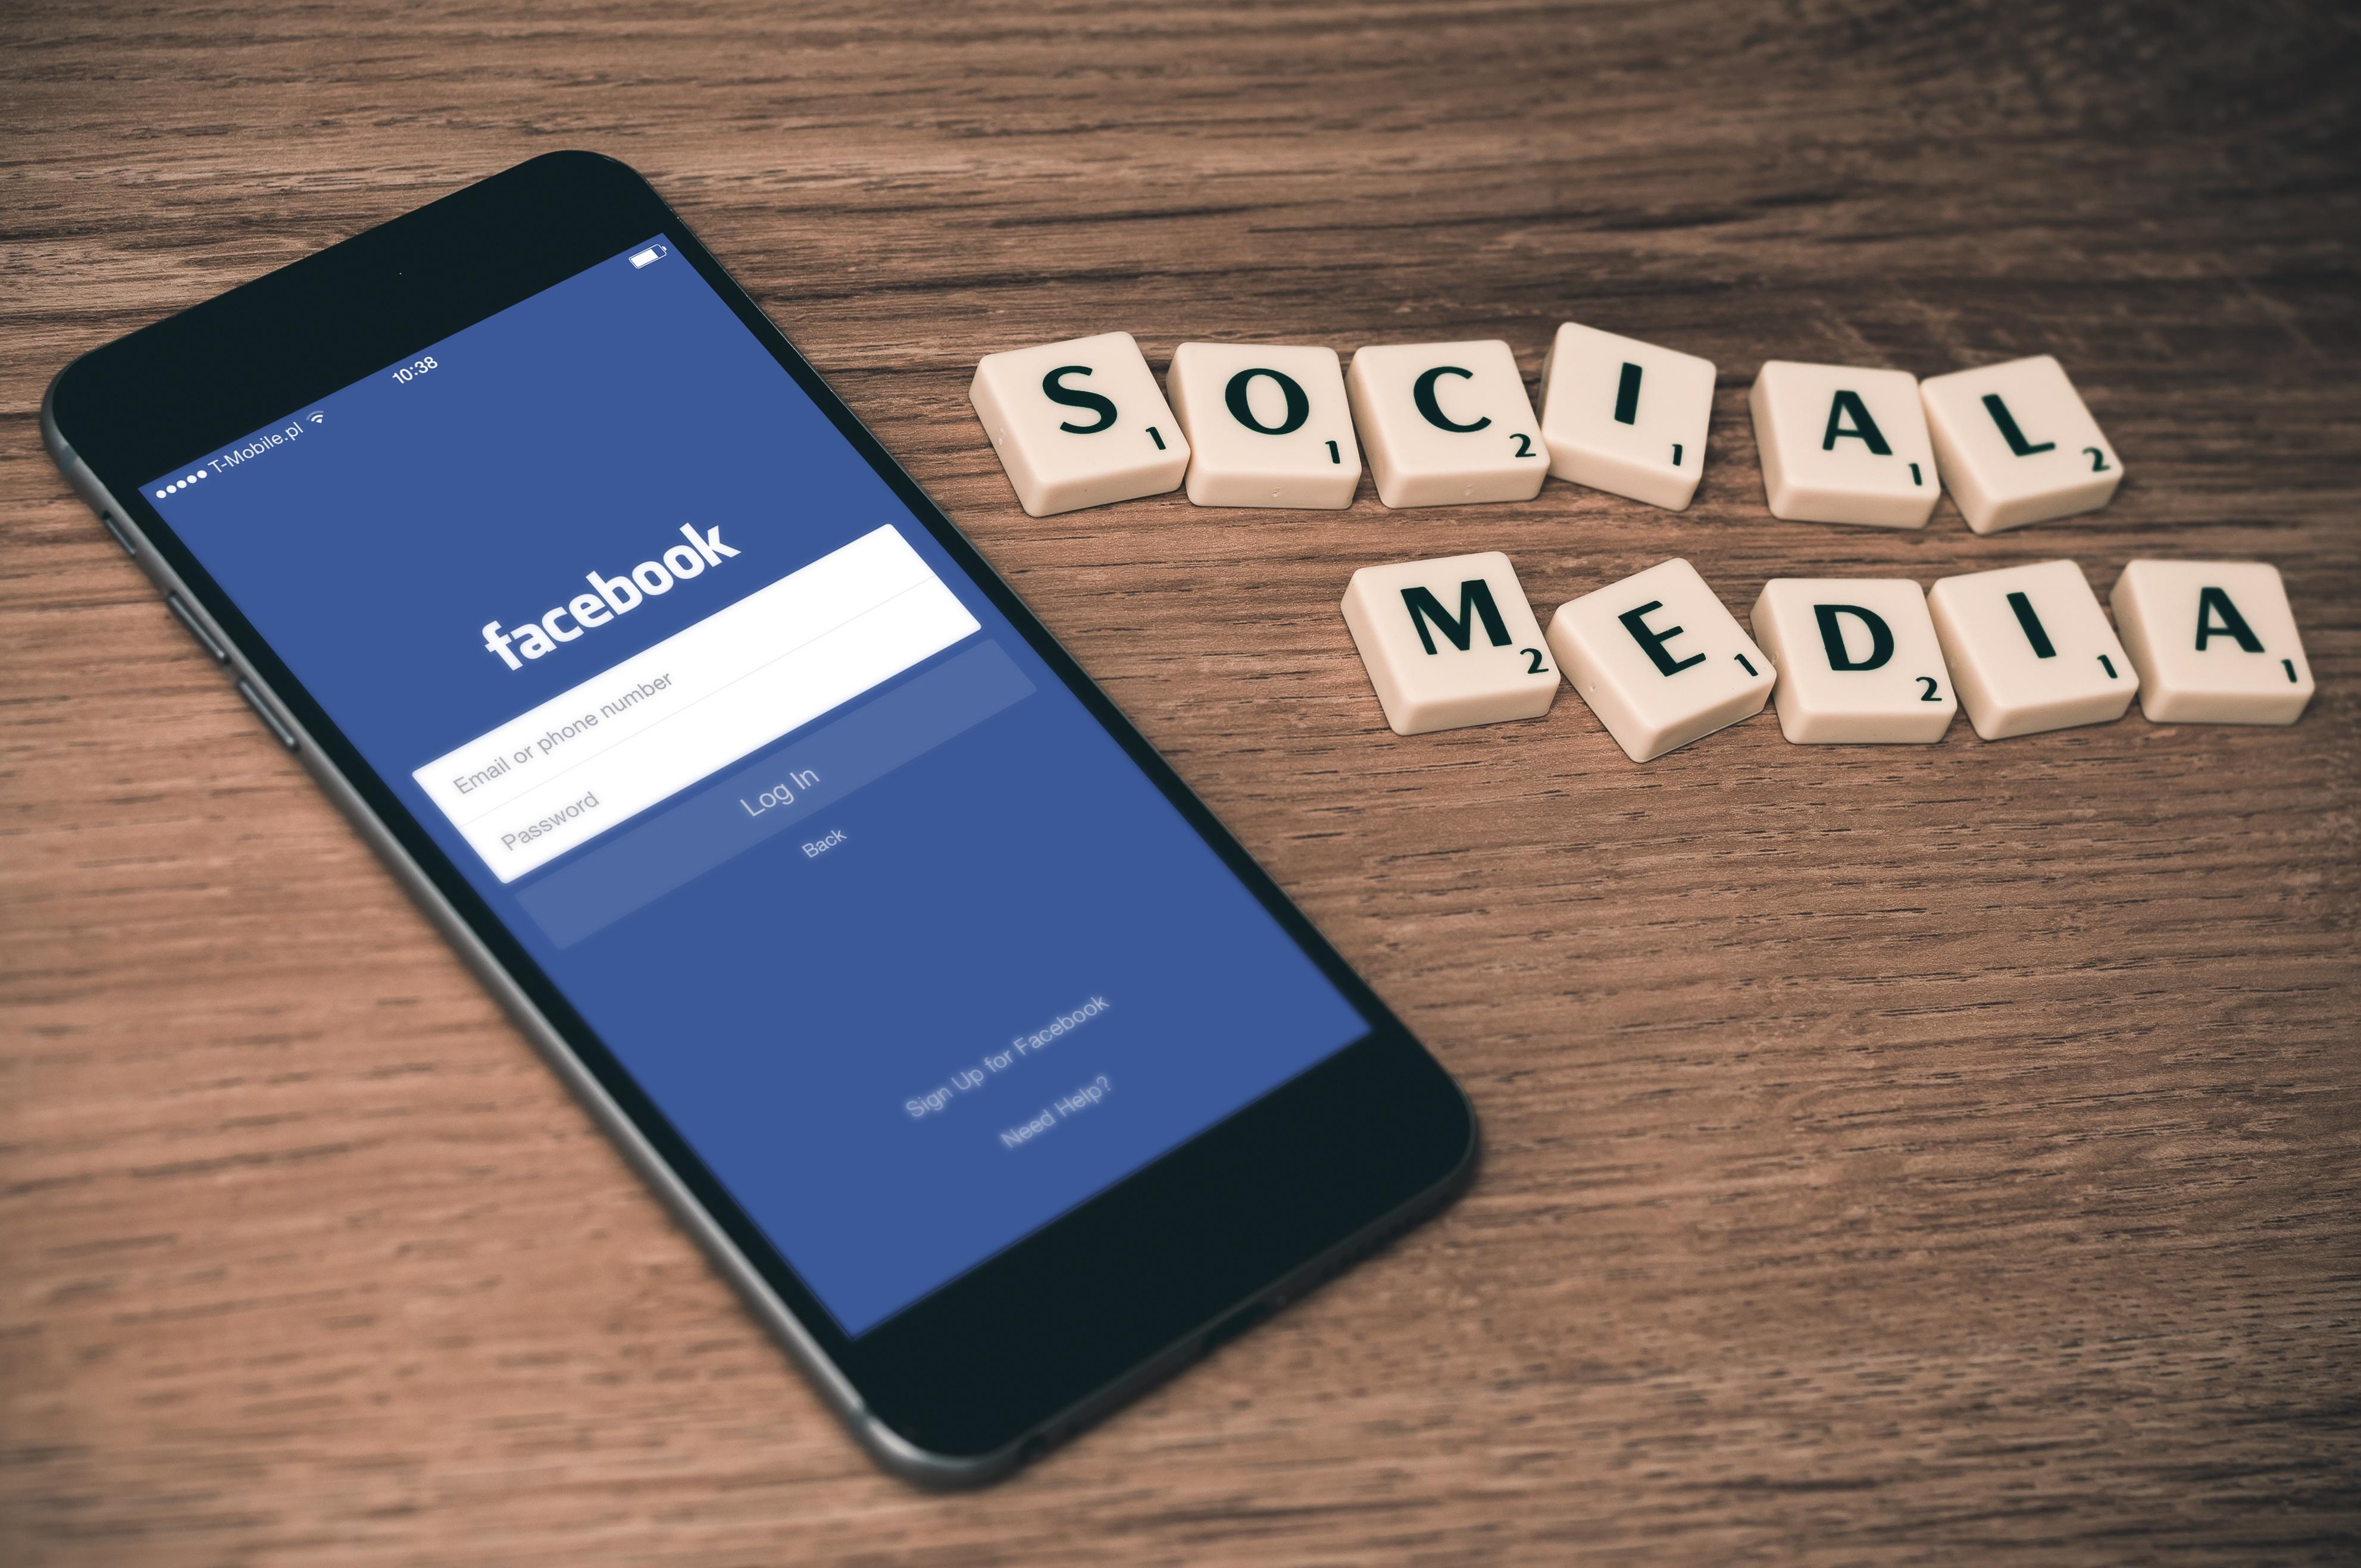 6 întrebări cu care să îți construiești conținutul pe social media